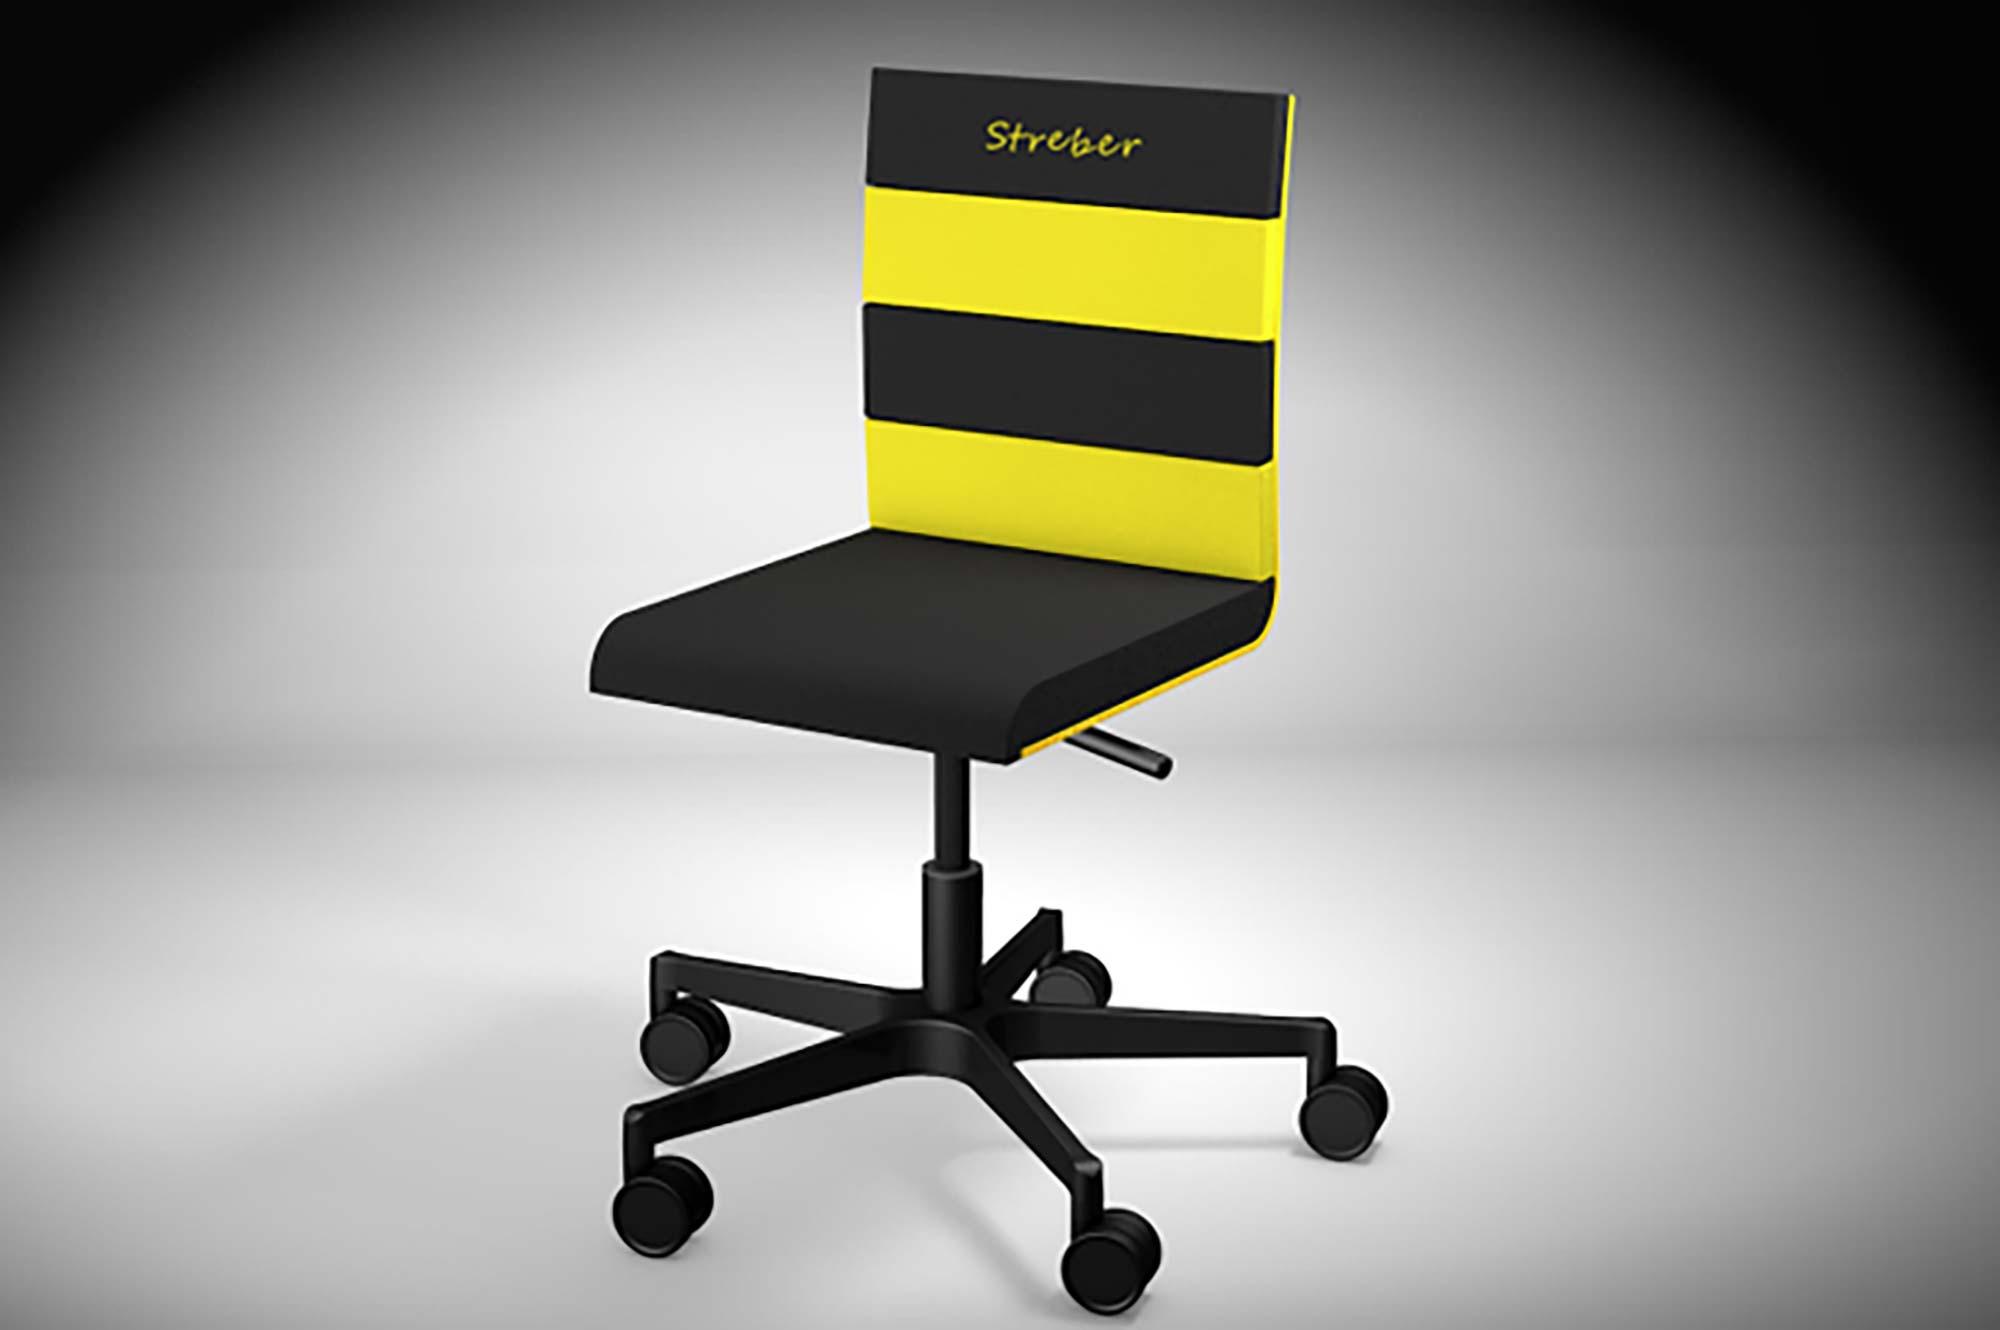 Produktdesign bvb kinder schreibtischstuhl sitting cool for Produktdesign schule